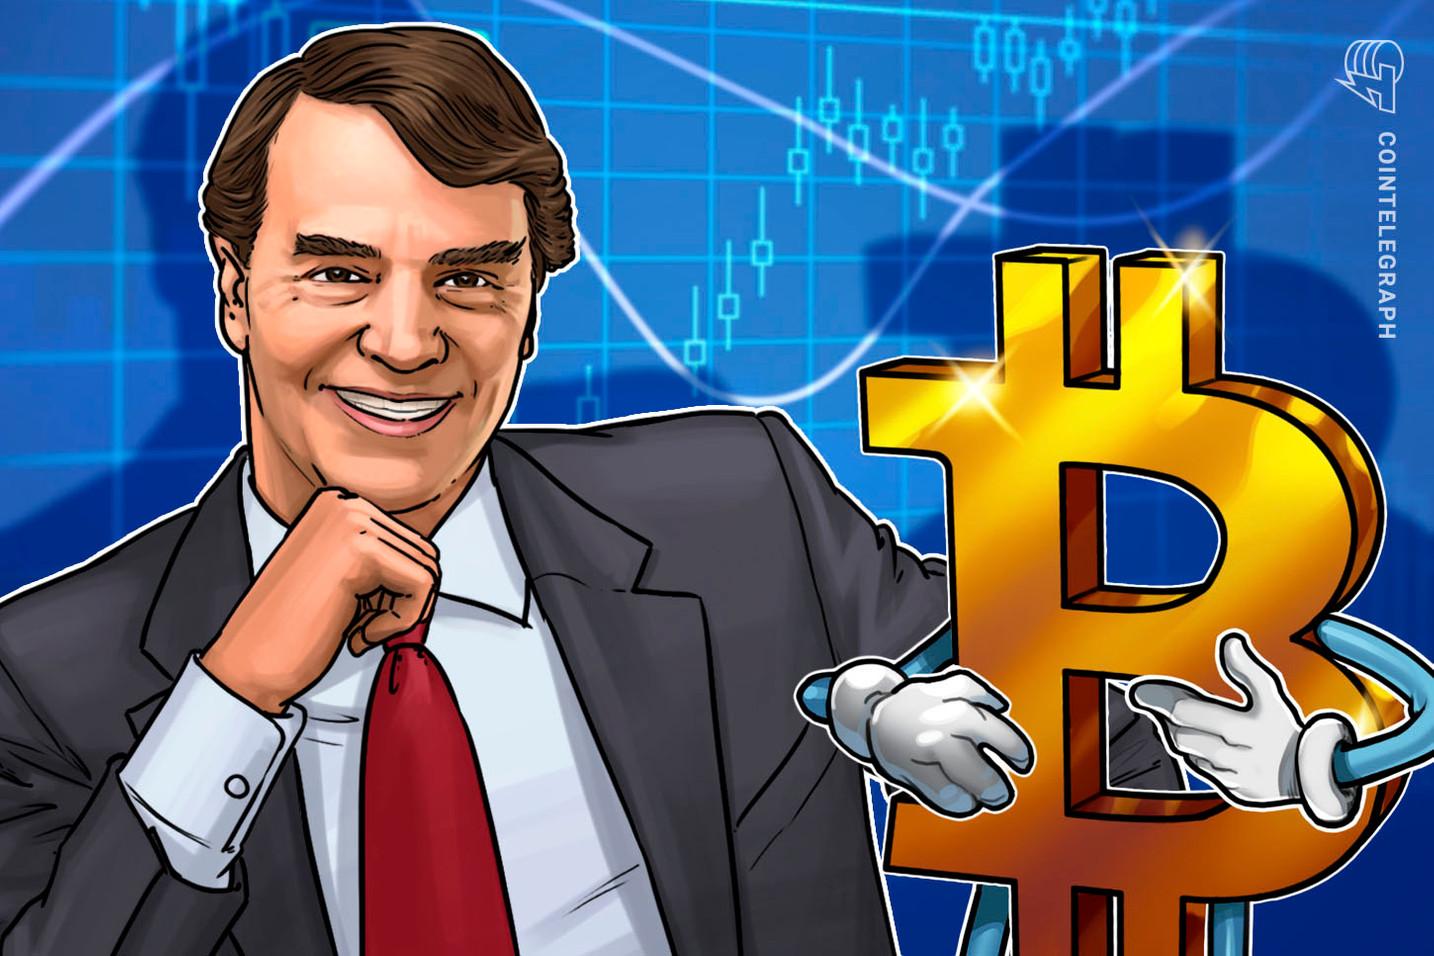 Billionaire Investor Tim Draper Quit Stocks for Bitcoin 6 Months Ago